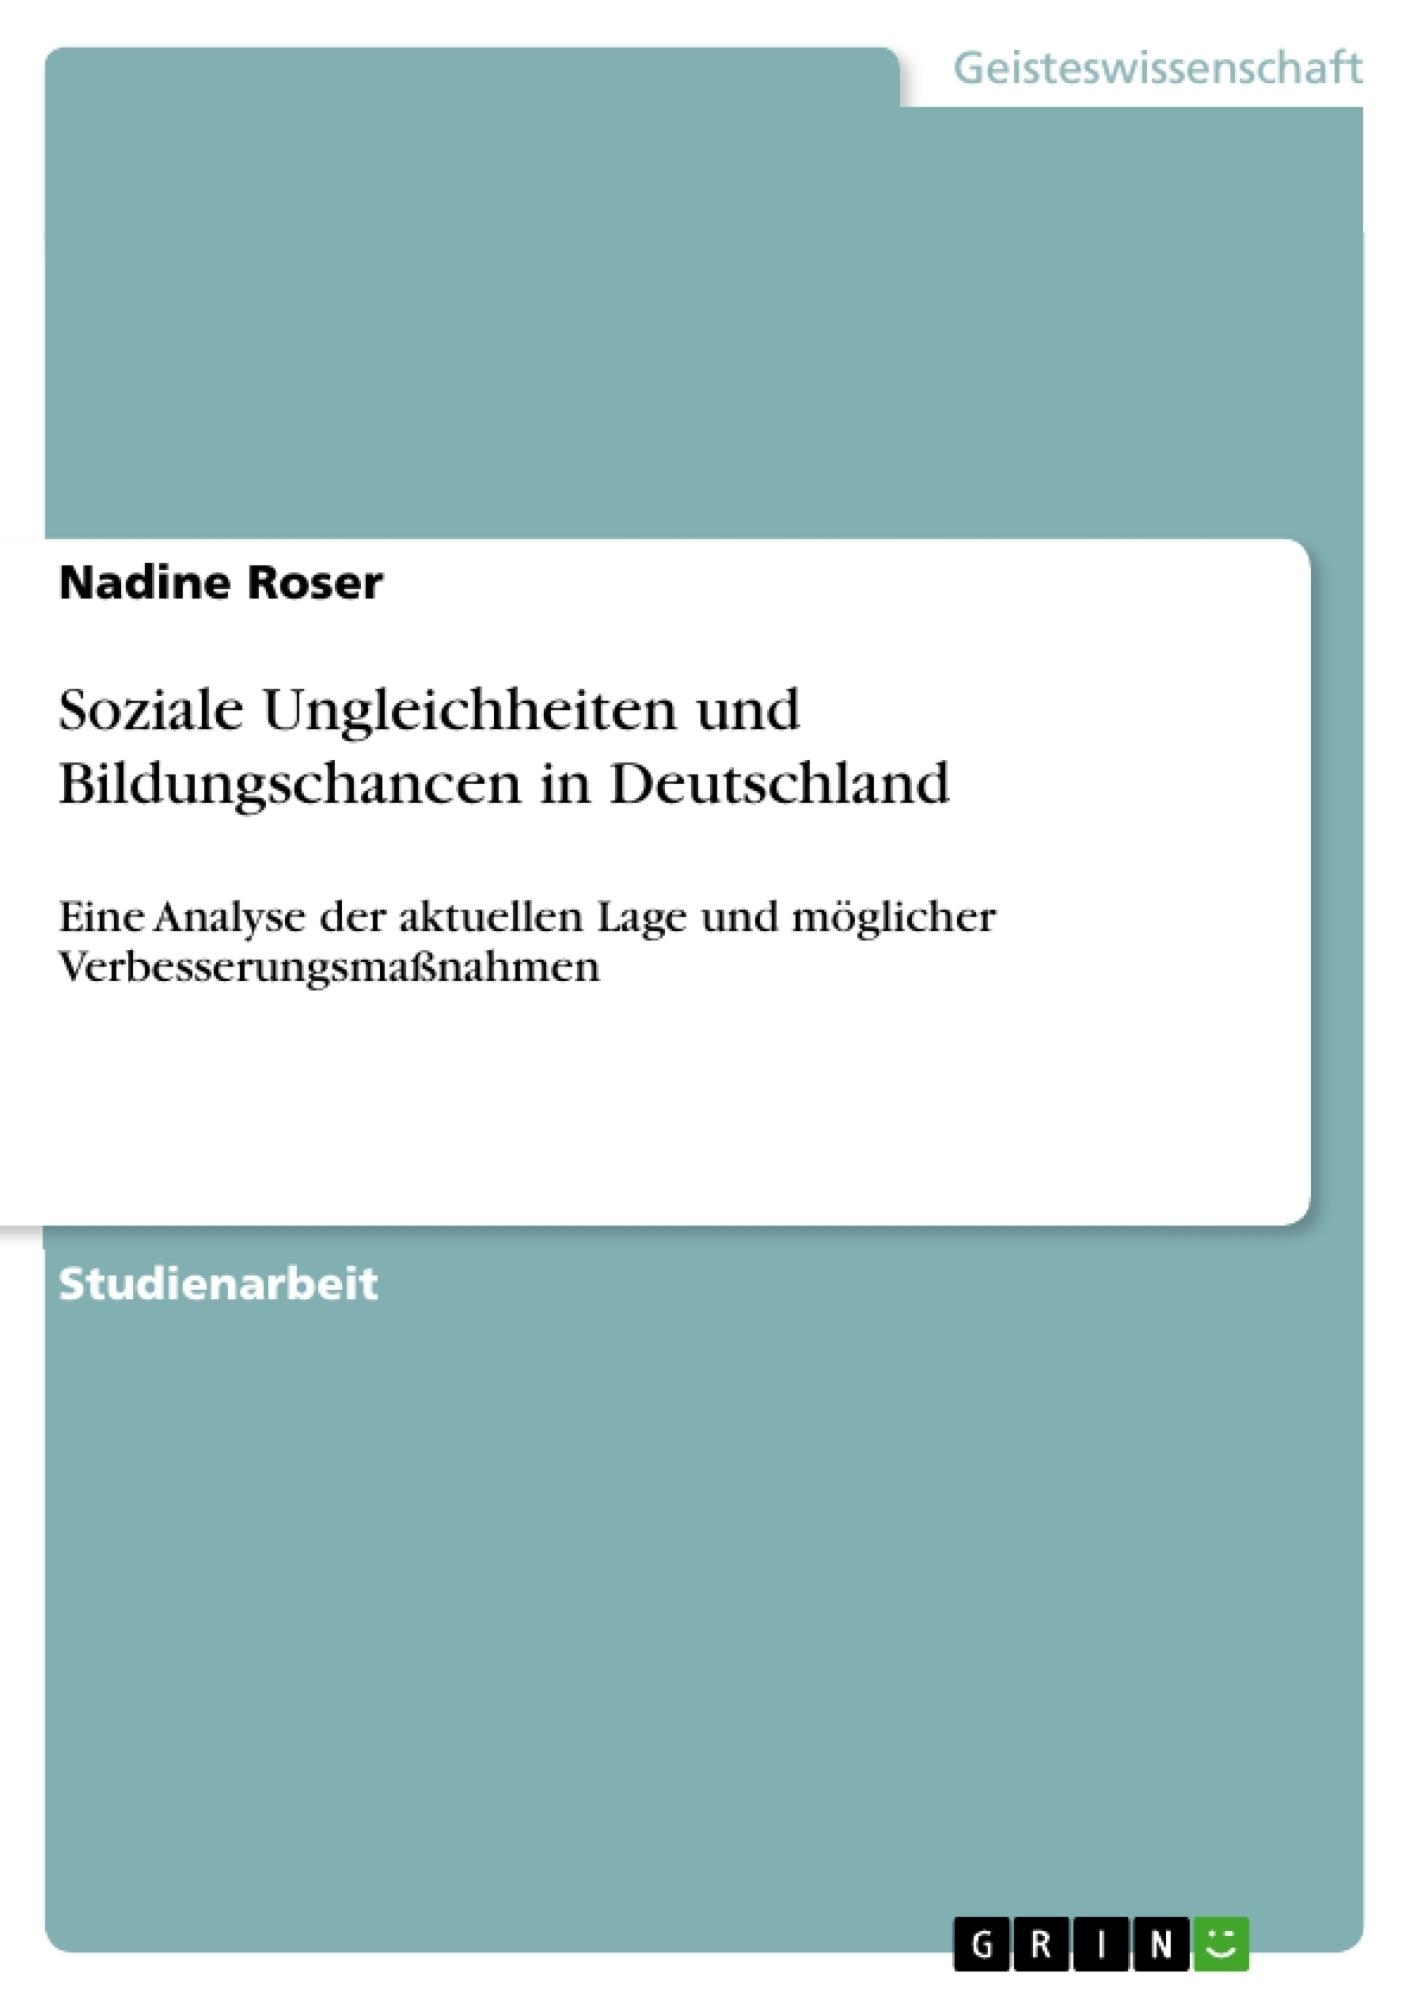 Titel: Soziale Ungleichheiten und Bildungschancen in Deutschland